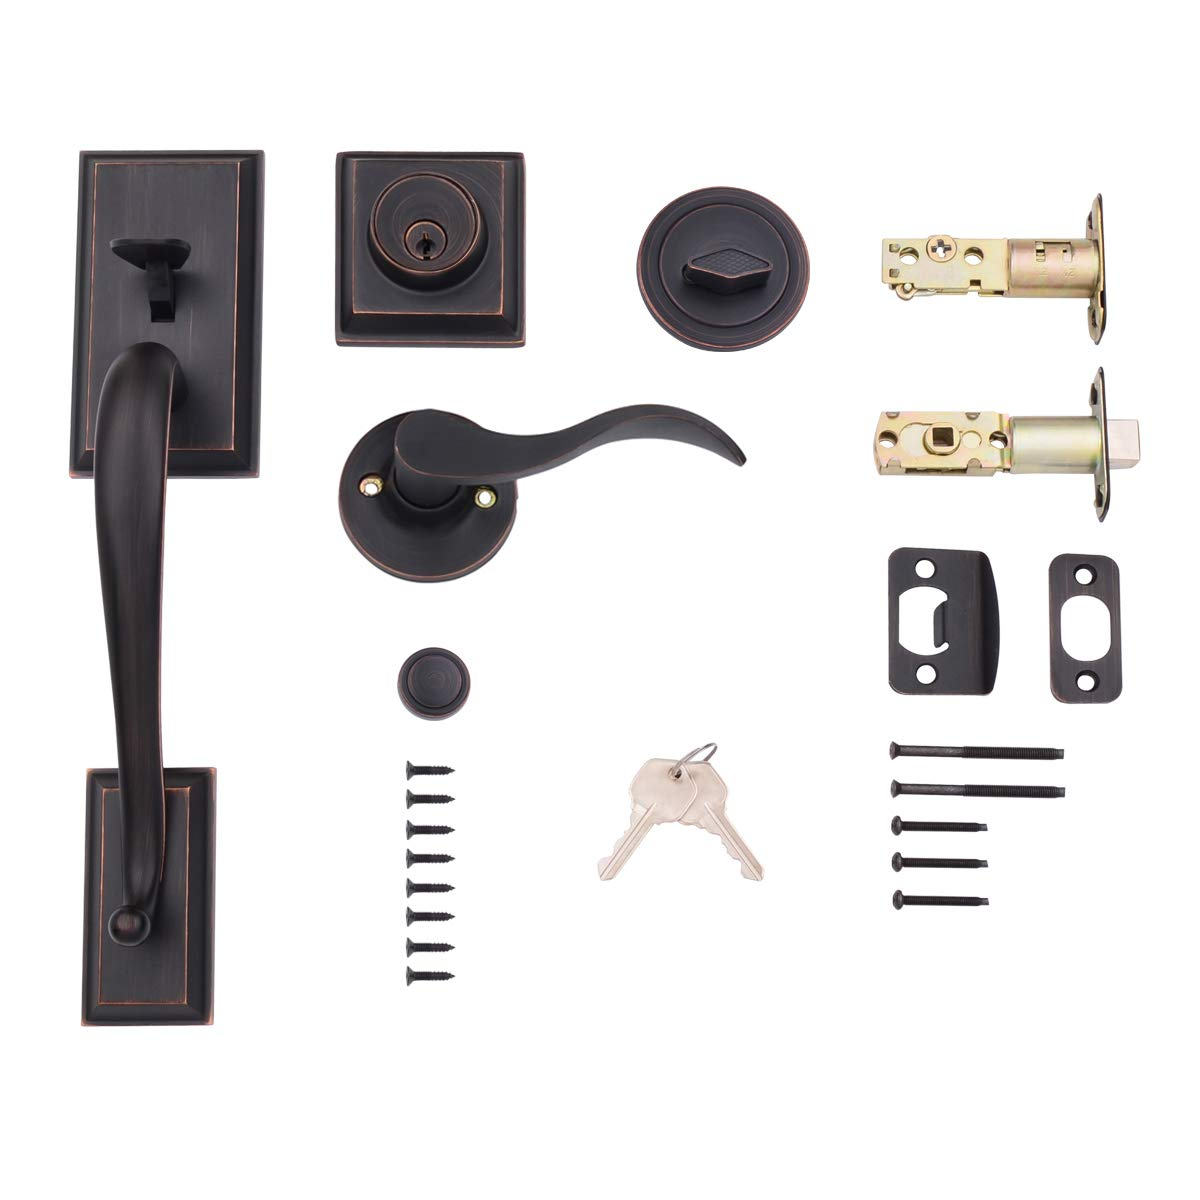 AmazonBasics Modern Exterior Door Handle with Left-Hand Wave Door Lever and Deadbolt Lock Set, Oil Rubbed Bronze